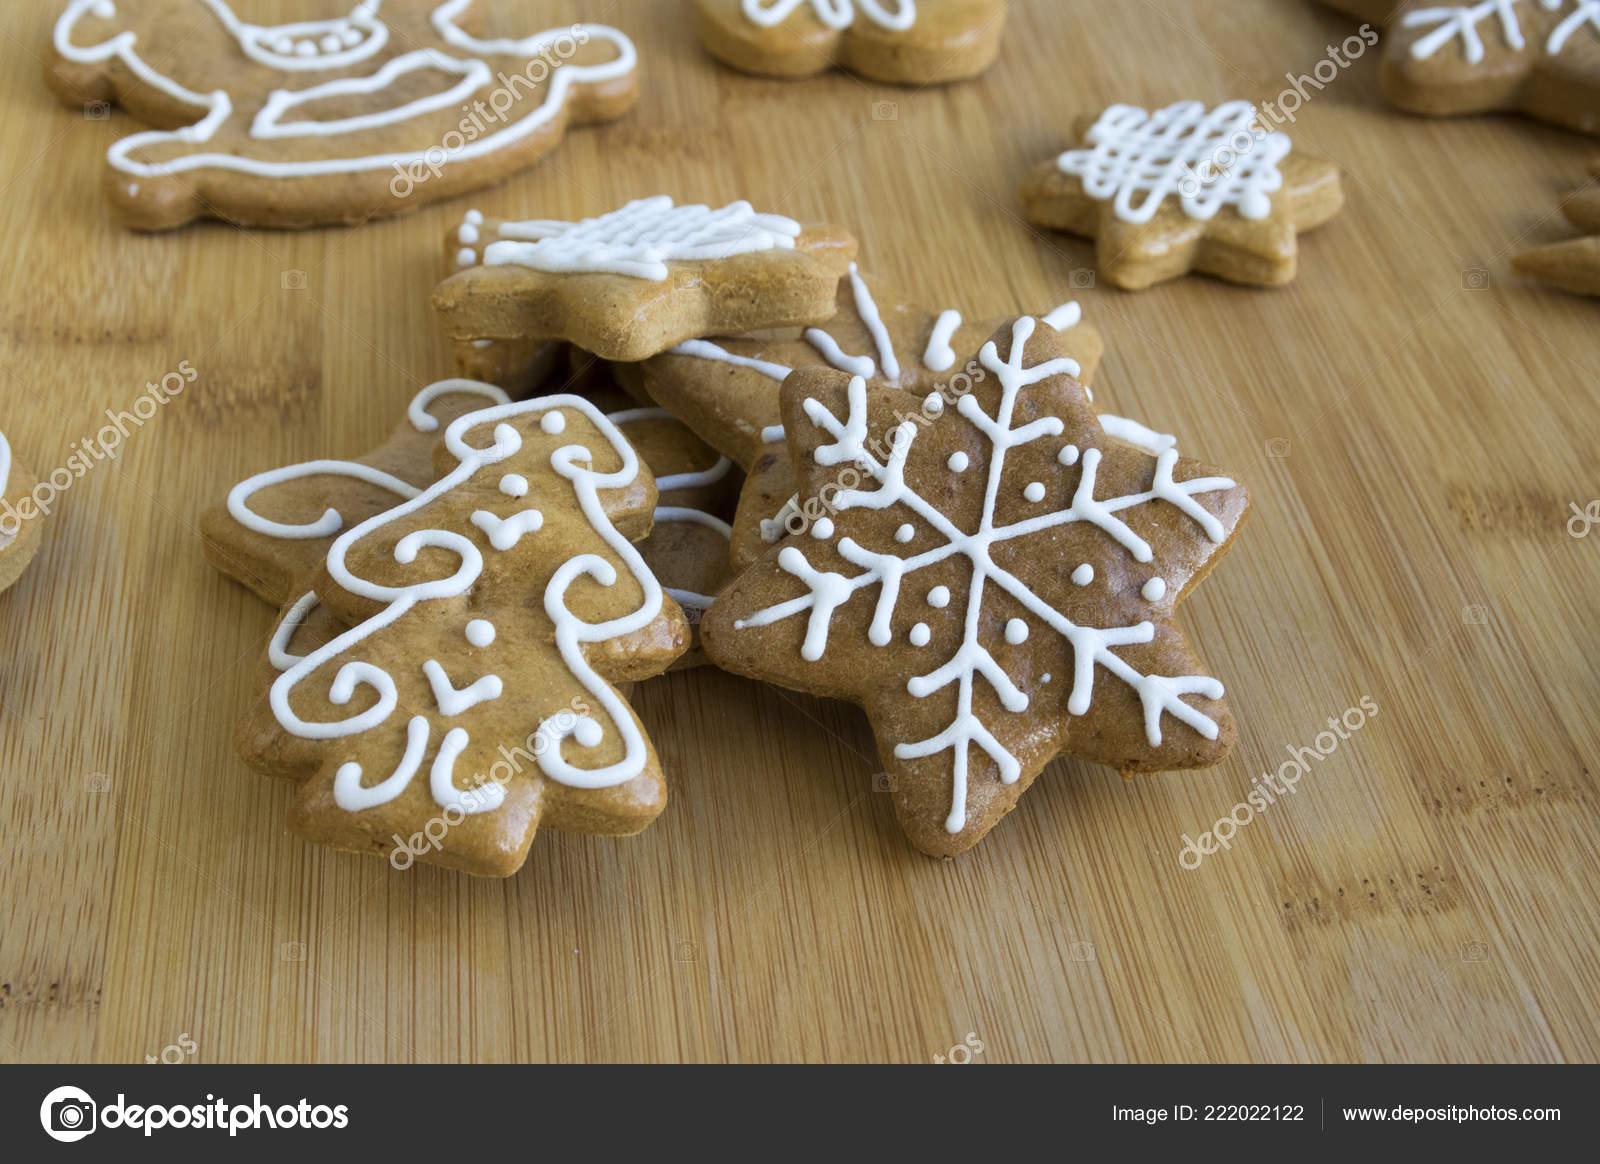 Glasur Weihnachtsplätzchen.Lackiert Leichte Braune Ingwer Brot Weiße Glasur Weihnachtsplätzchen